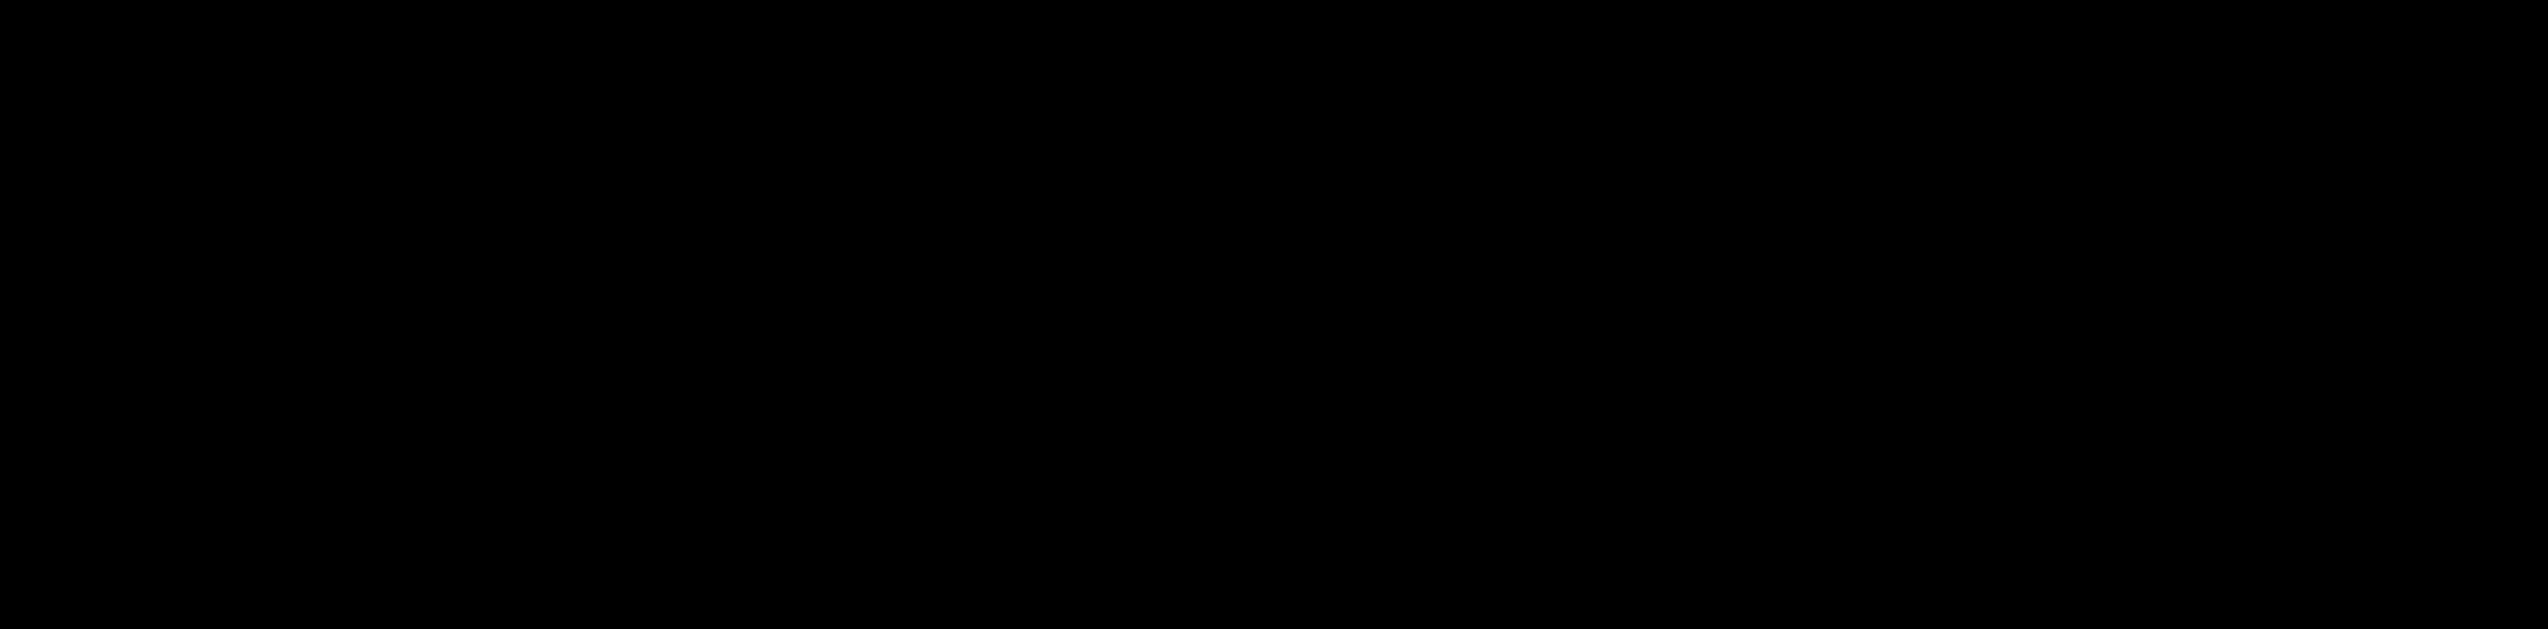 salmon desc-06